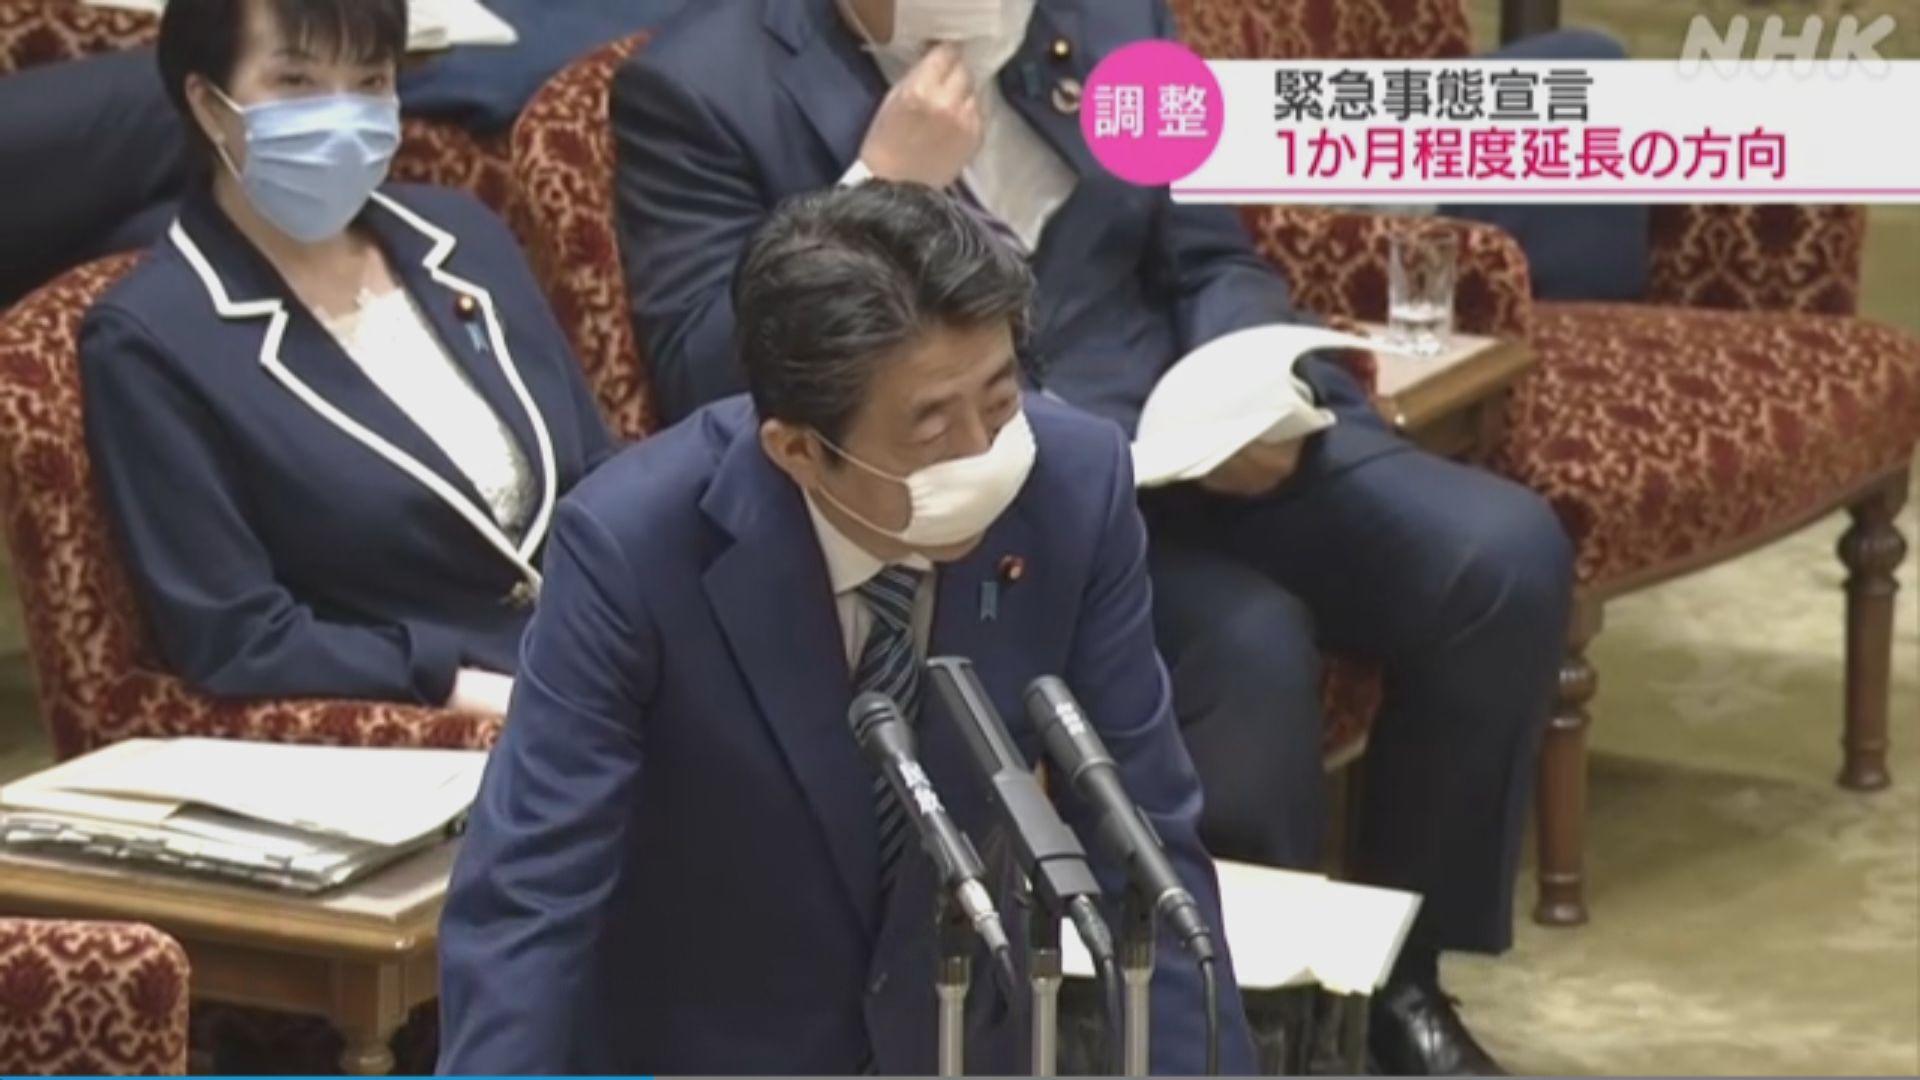 日本政府擬延長全國緊急狀態宣言一個月